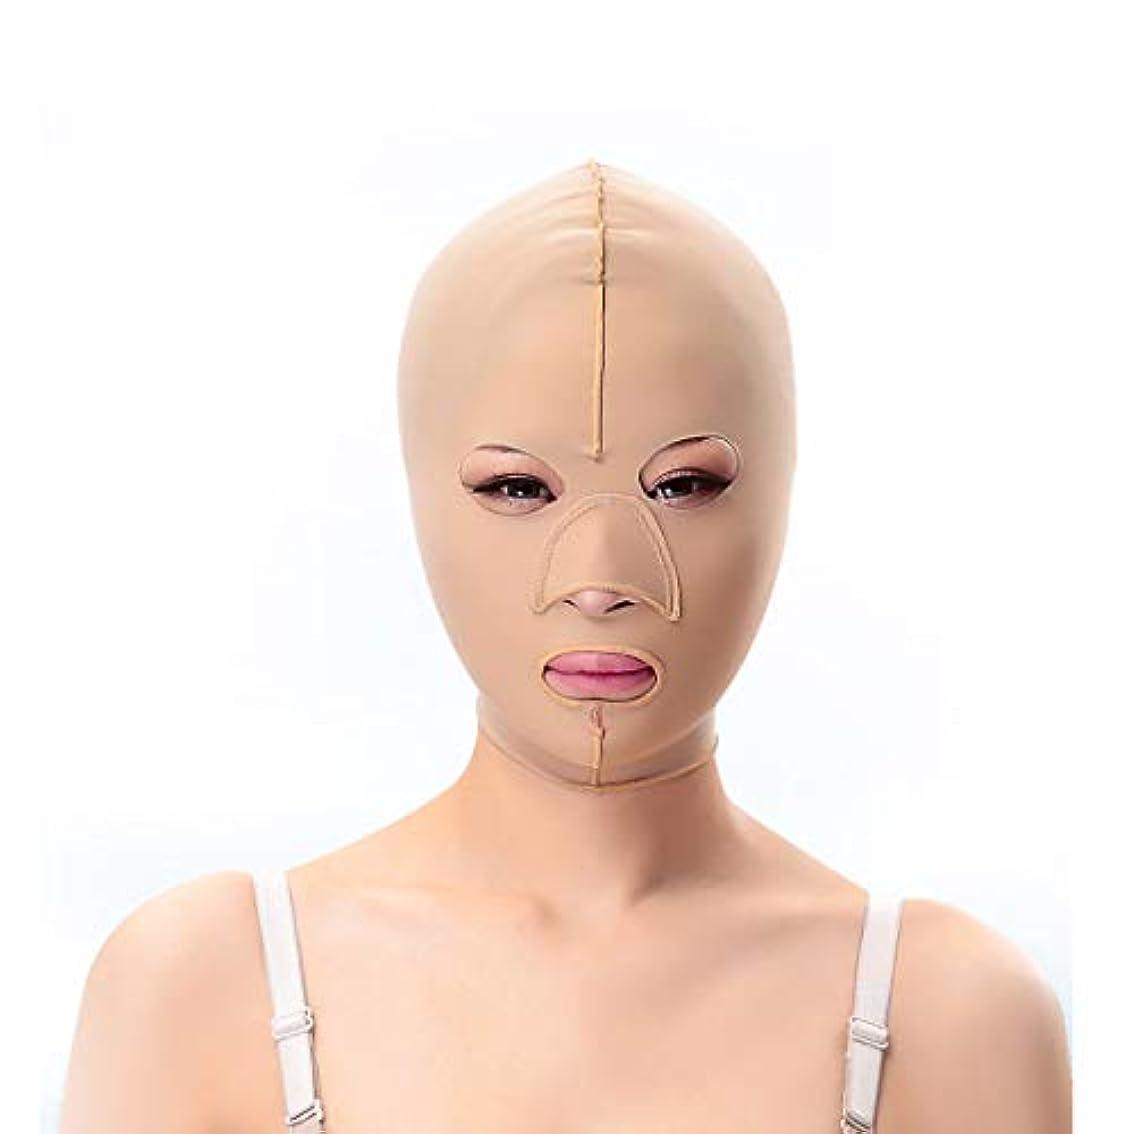 洪水障害者獣GLJJQMY 減量ベルトマスクフェイスマスク神聖なパターンリフト二重あご引き締め顔面プラスチック顔面アーティファクト強力な顔面包帯 顔用整形マスク (Size : L)